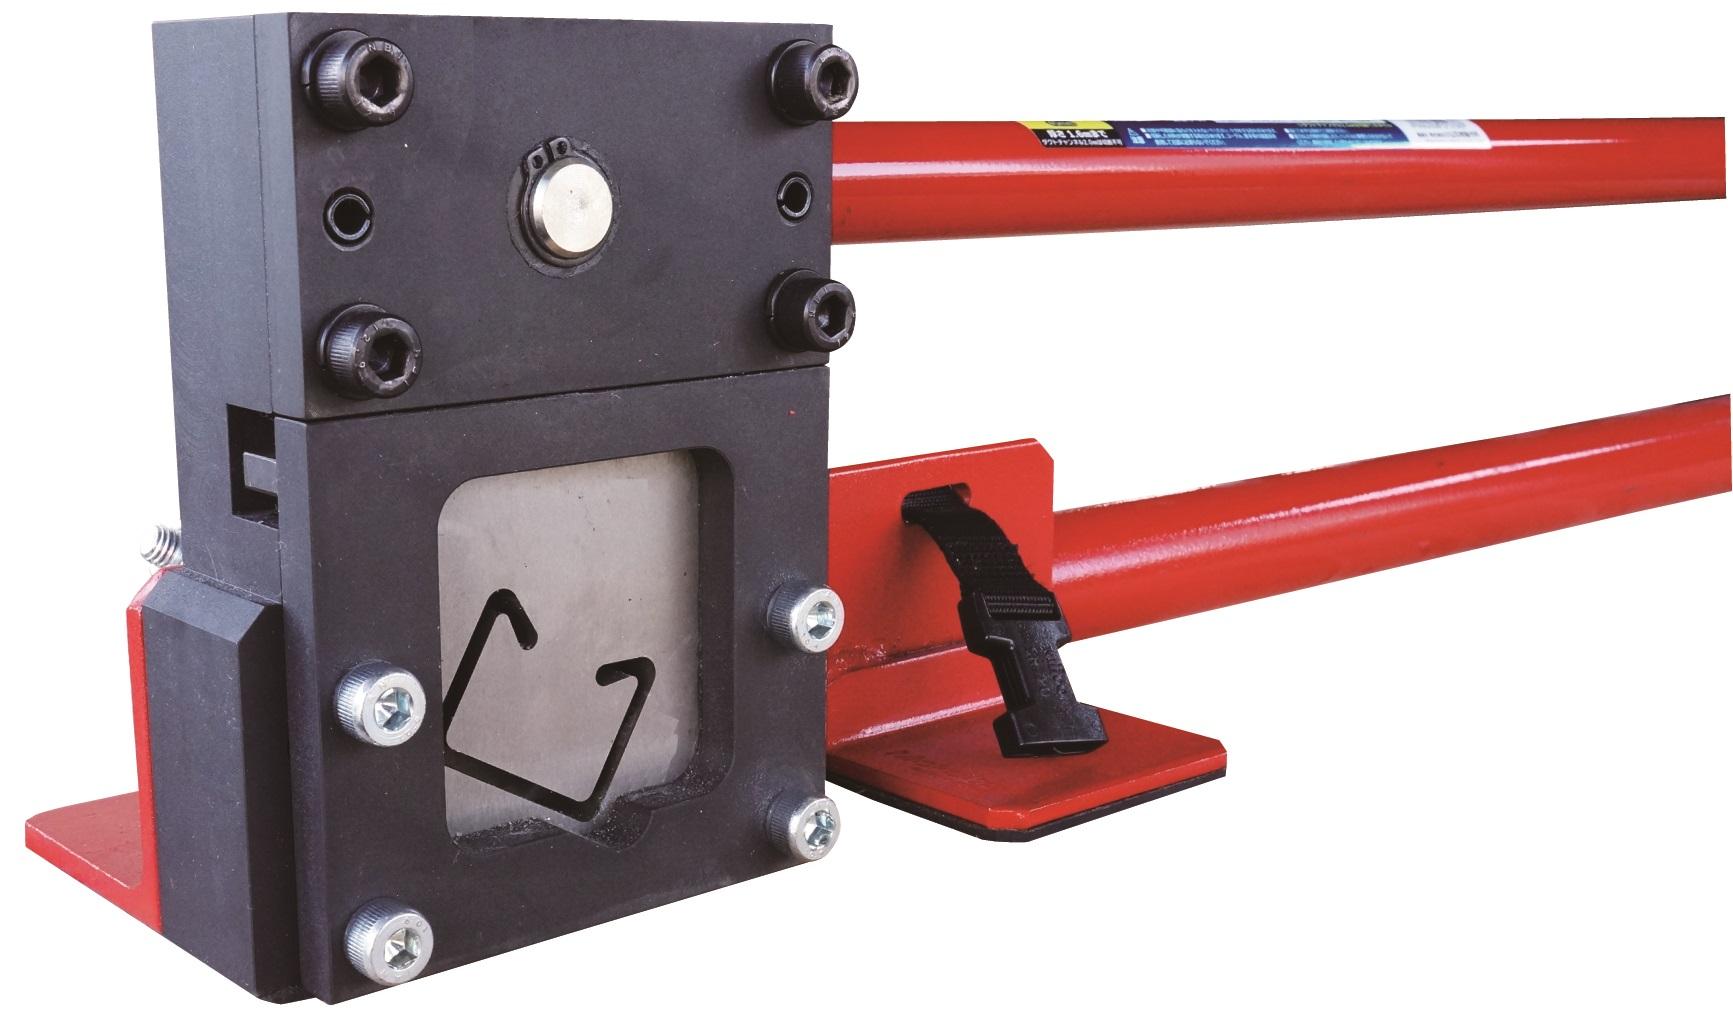 【小山刃物製作所】1台でステンレスと鉄のダクトチャンネルが切断できる!『EXレースウェイカッターWD1』の画像